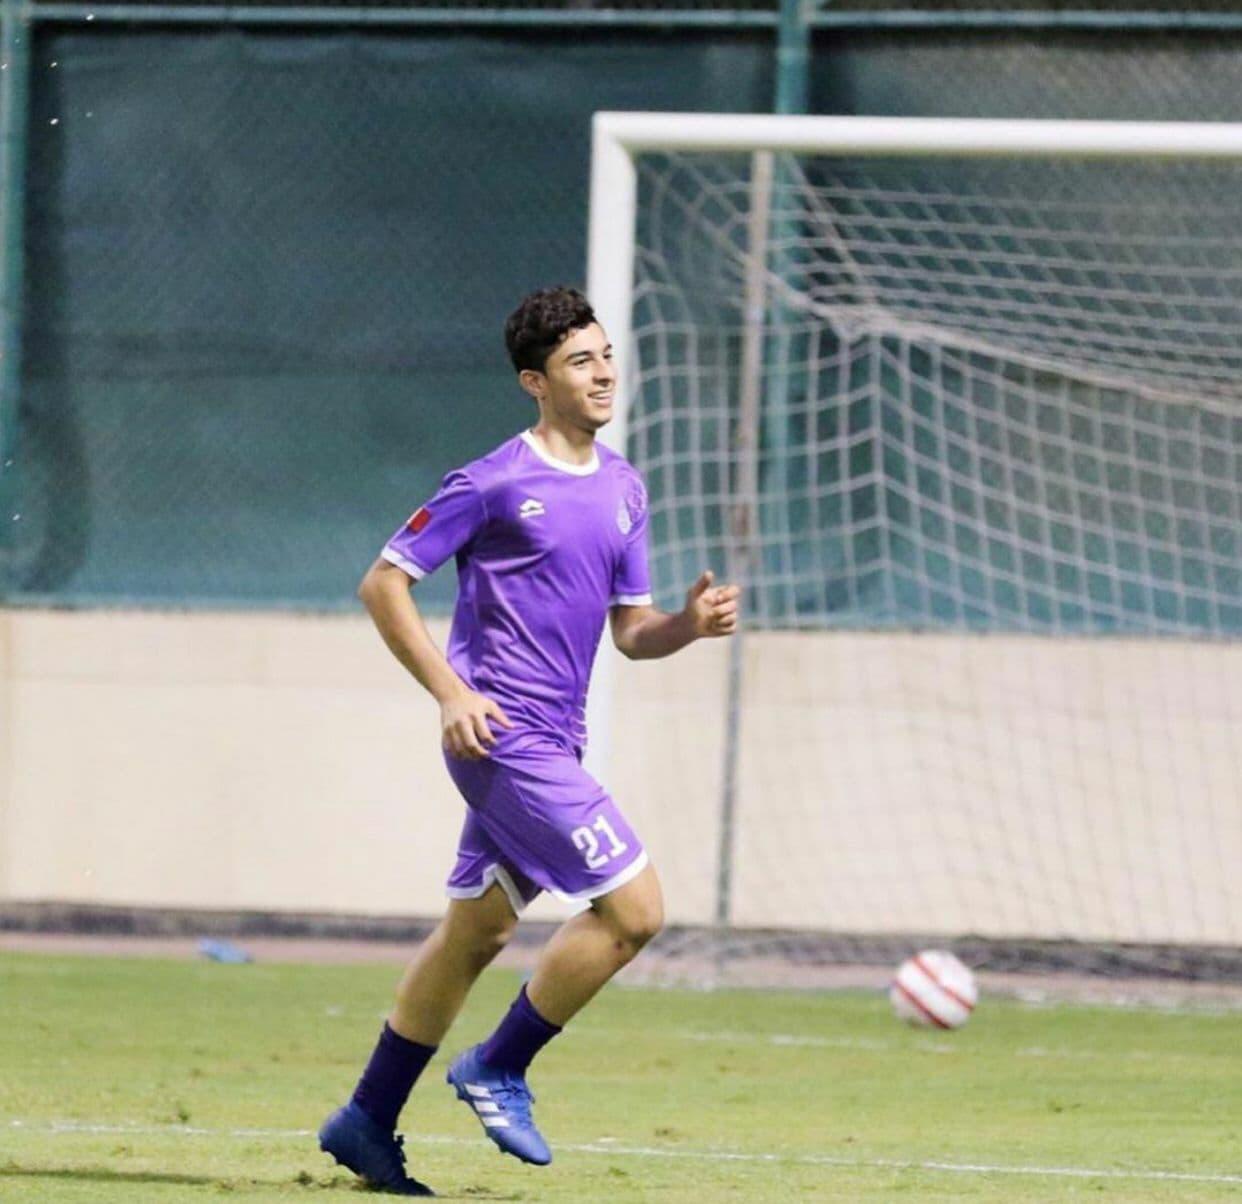 لاعب كرة قدم بالفريق الأول لنادي الاتحاد كميل إبراهيم أحمد الخباز (22 سنة)